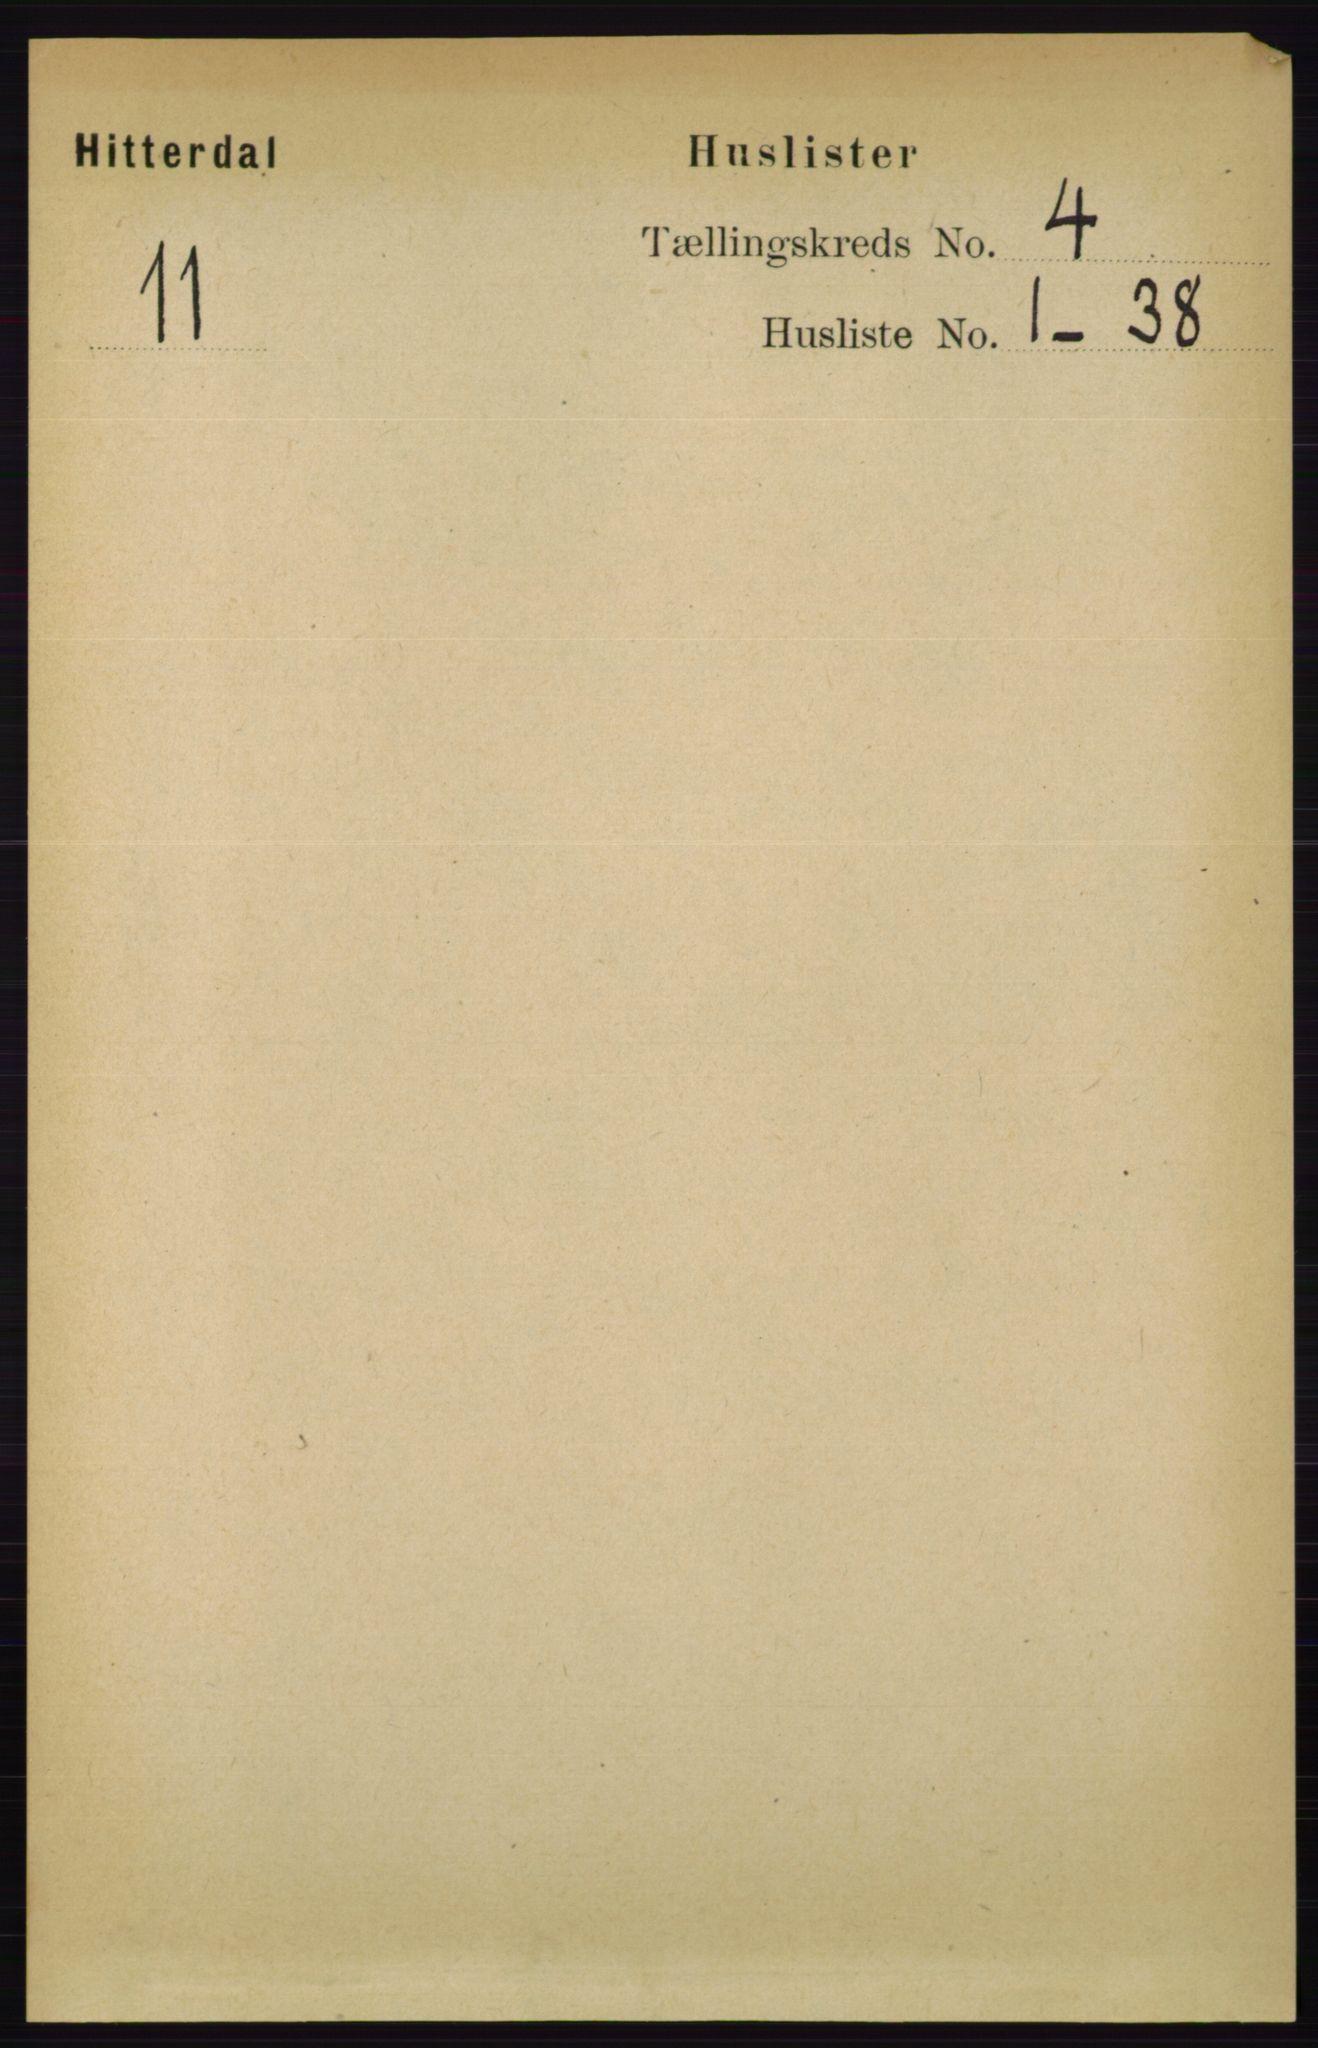 RA, Folketelling 1891 for 0823 Heddal herred, 1891, s. 1631